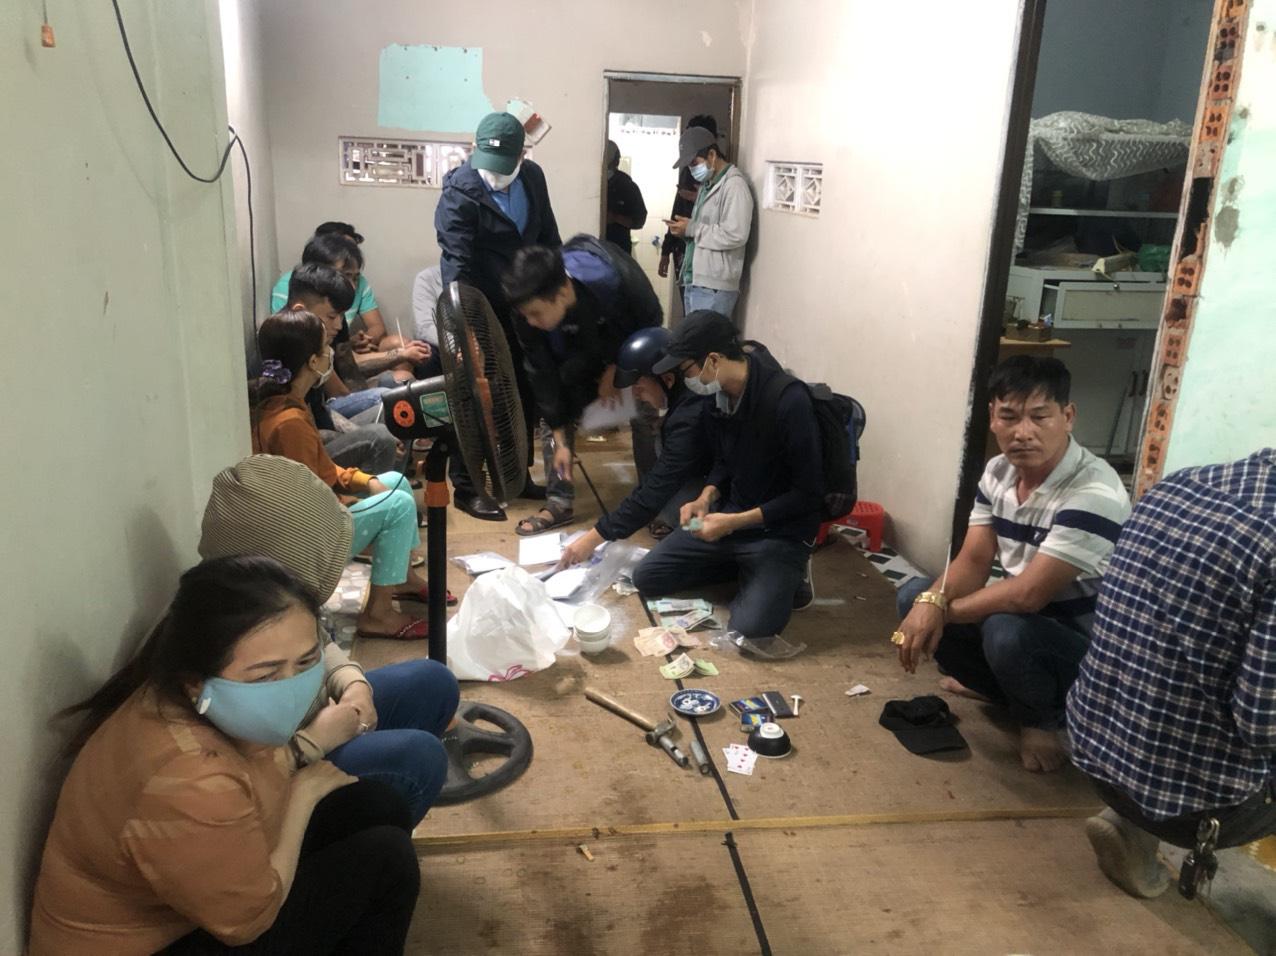 Cảnh sát hình sự đột kích sới bạc trong khu dân cư, bắt hàng chục con bạc ăn thua cả trăm triệu đồng - Ảnh 1.